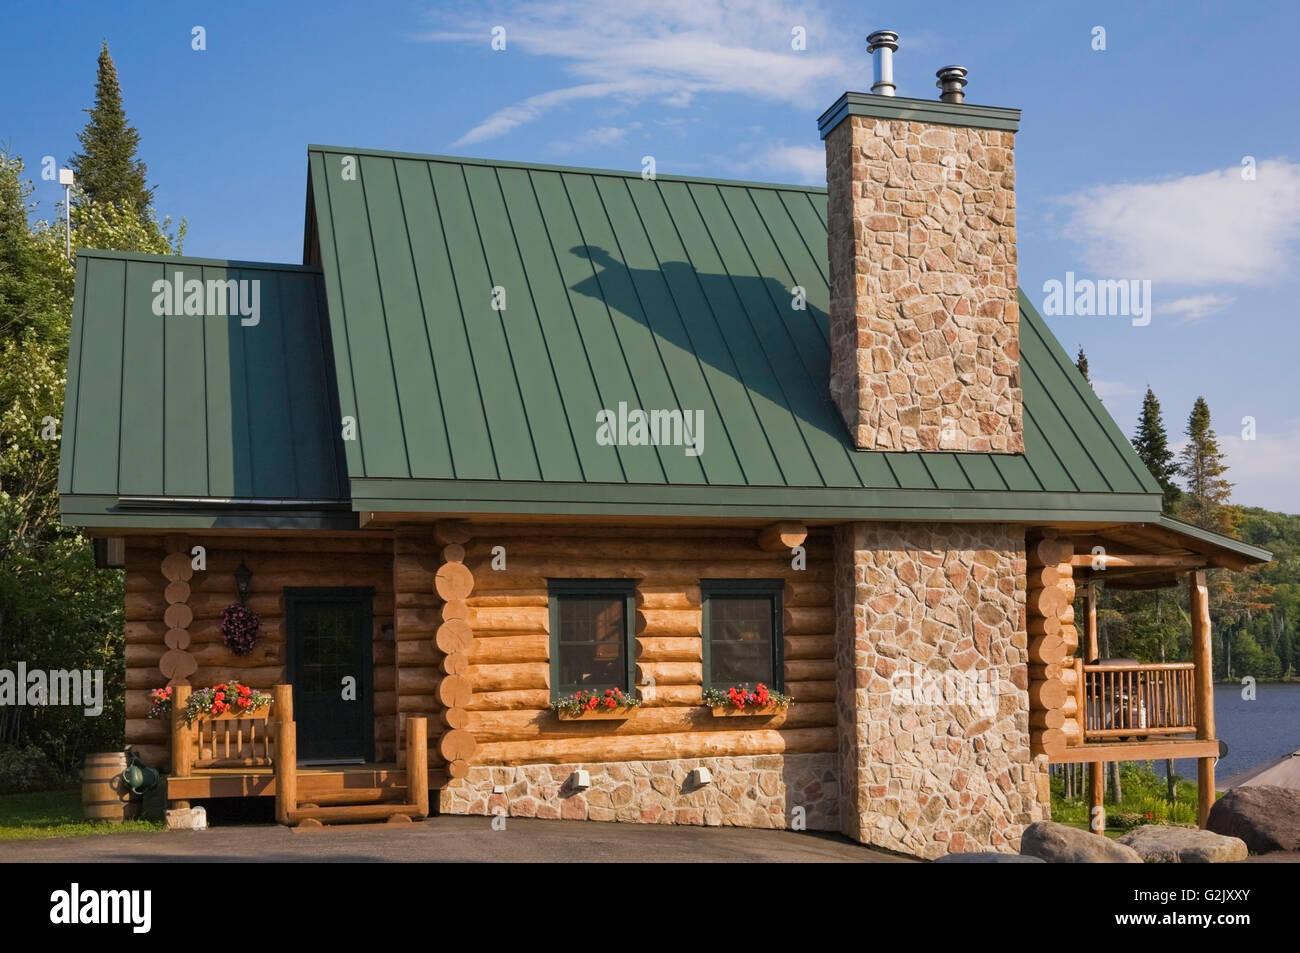 Hervorragend Handgefertigte Fichte Log Home Fassade Feldsteinen Kamin Grüne Metalldach  In Quebec Kanada This Image Eigenschaft Sommer Veröffentlicht